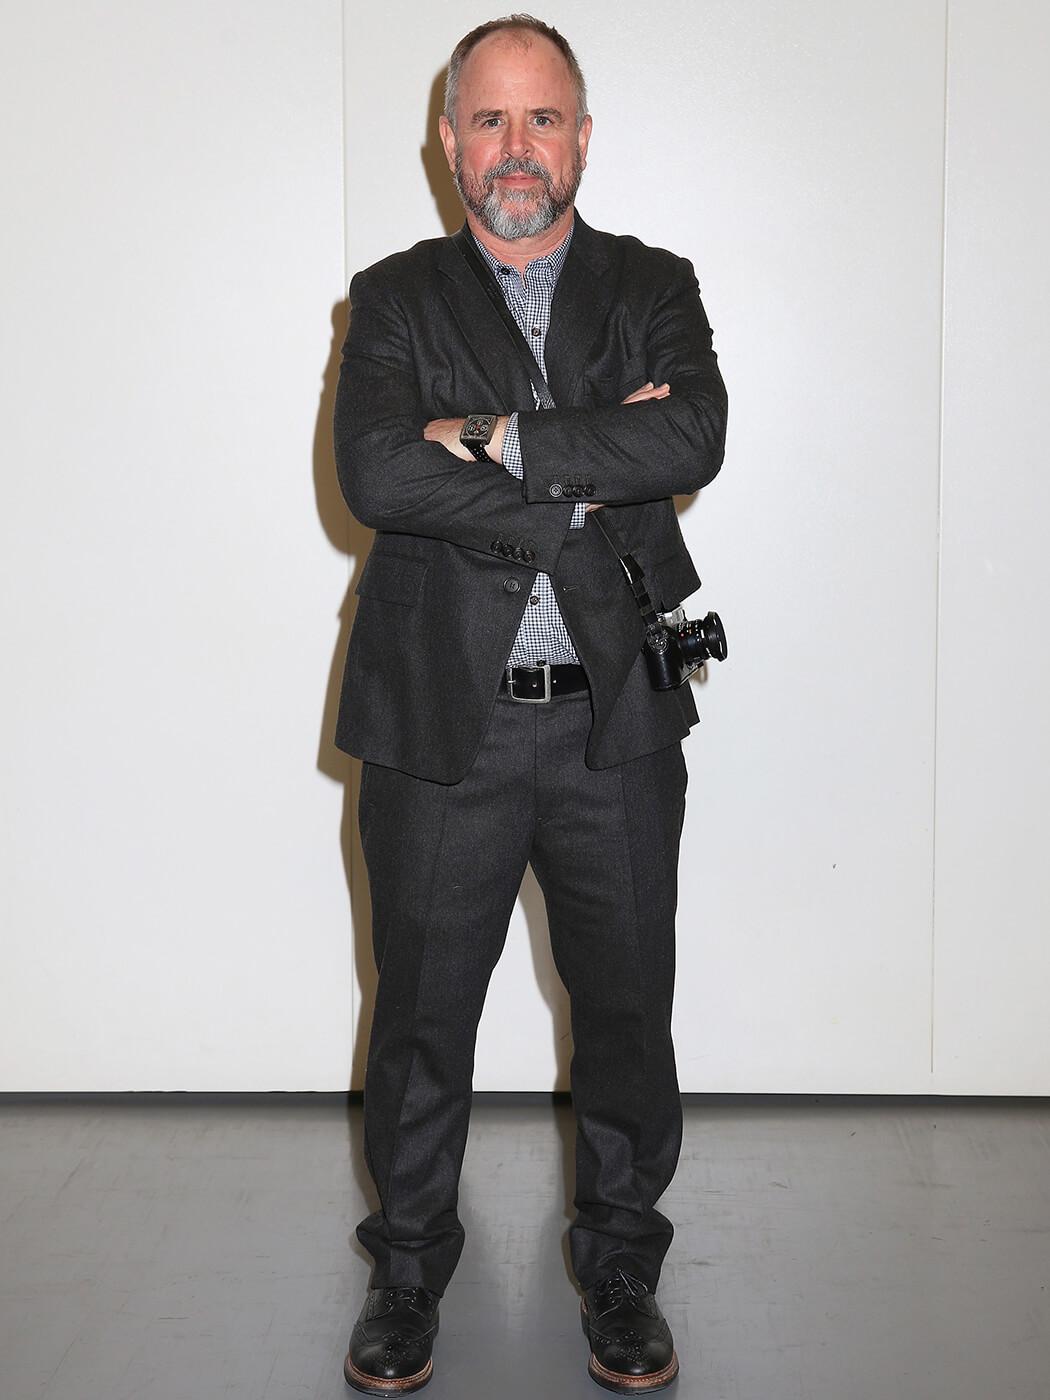 Gary Hustwit